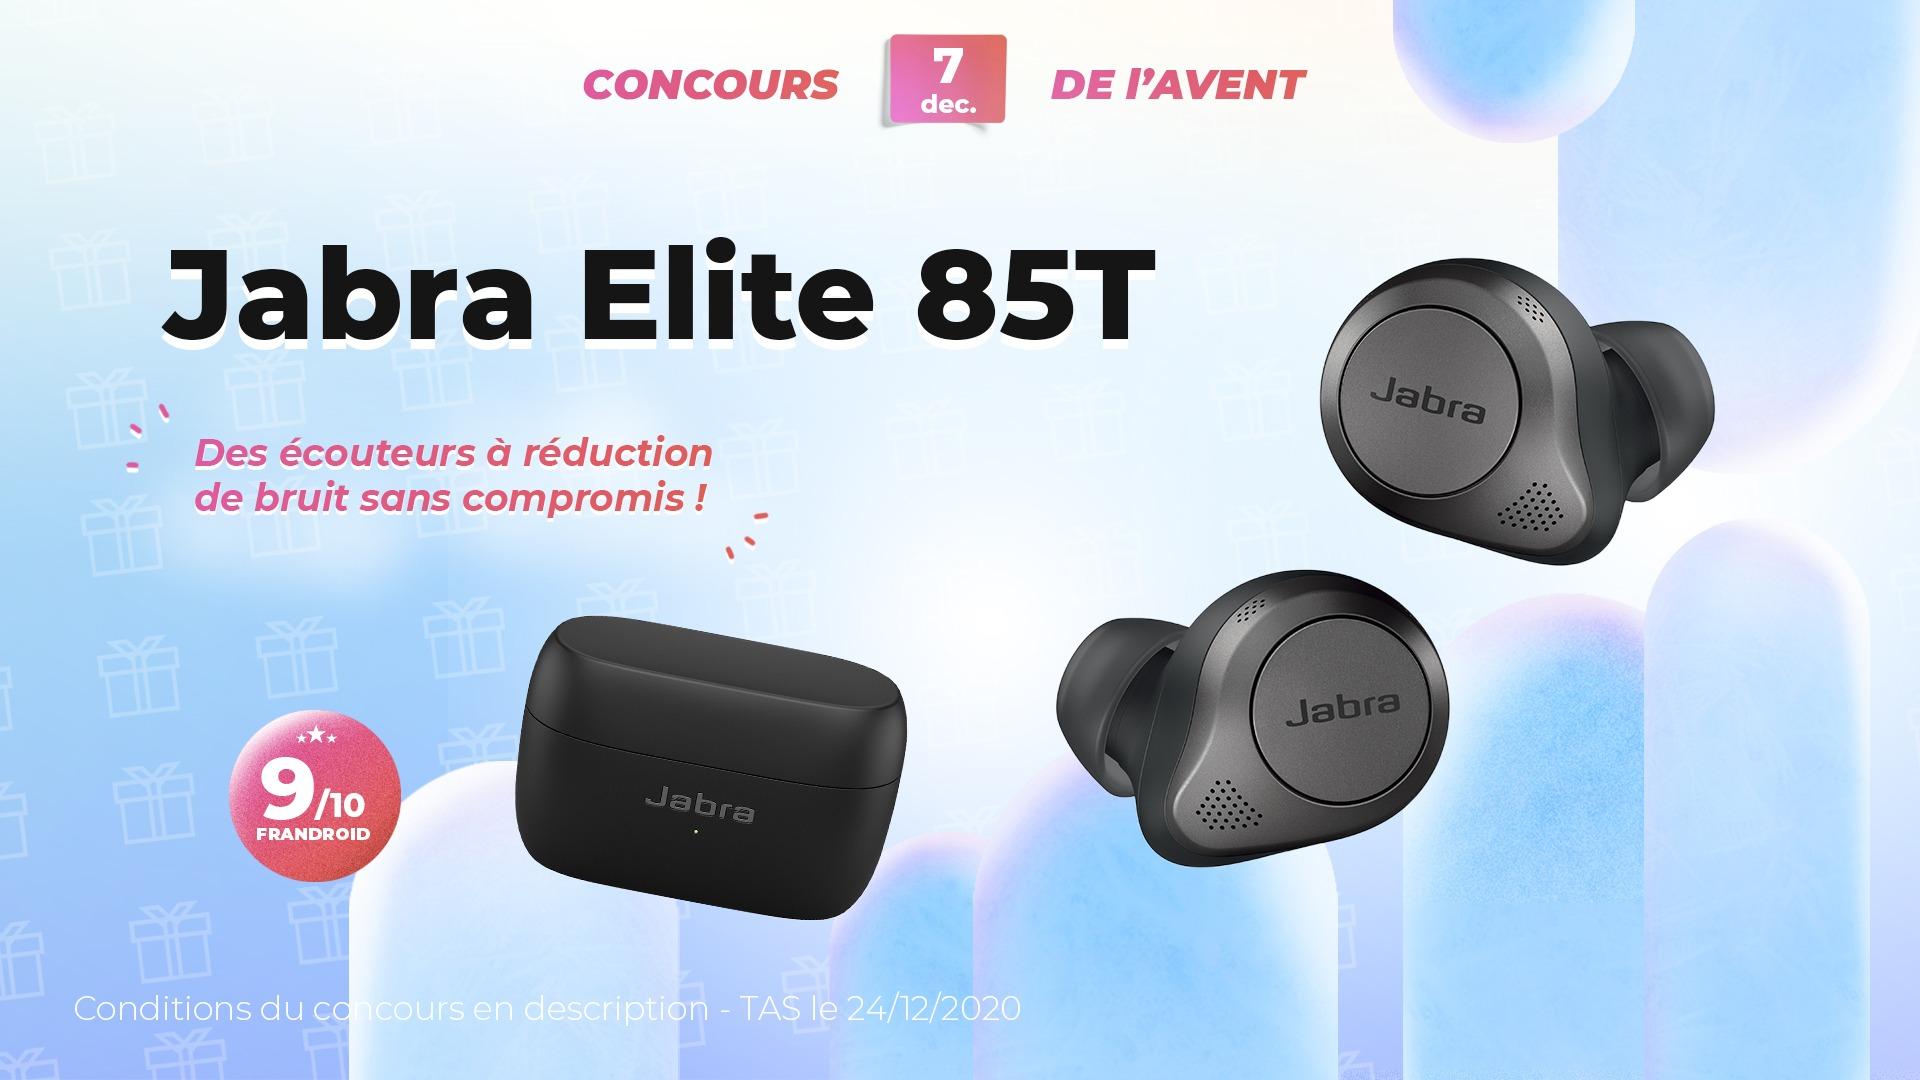 #FrandroidOffreMoi des écouteurs true wireless à réduction de bruit (Jabra Elite 85T)